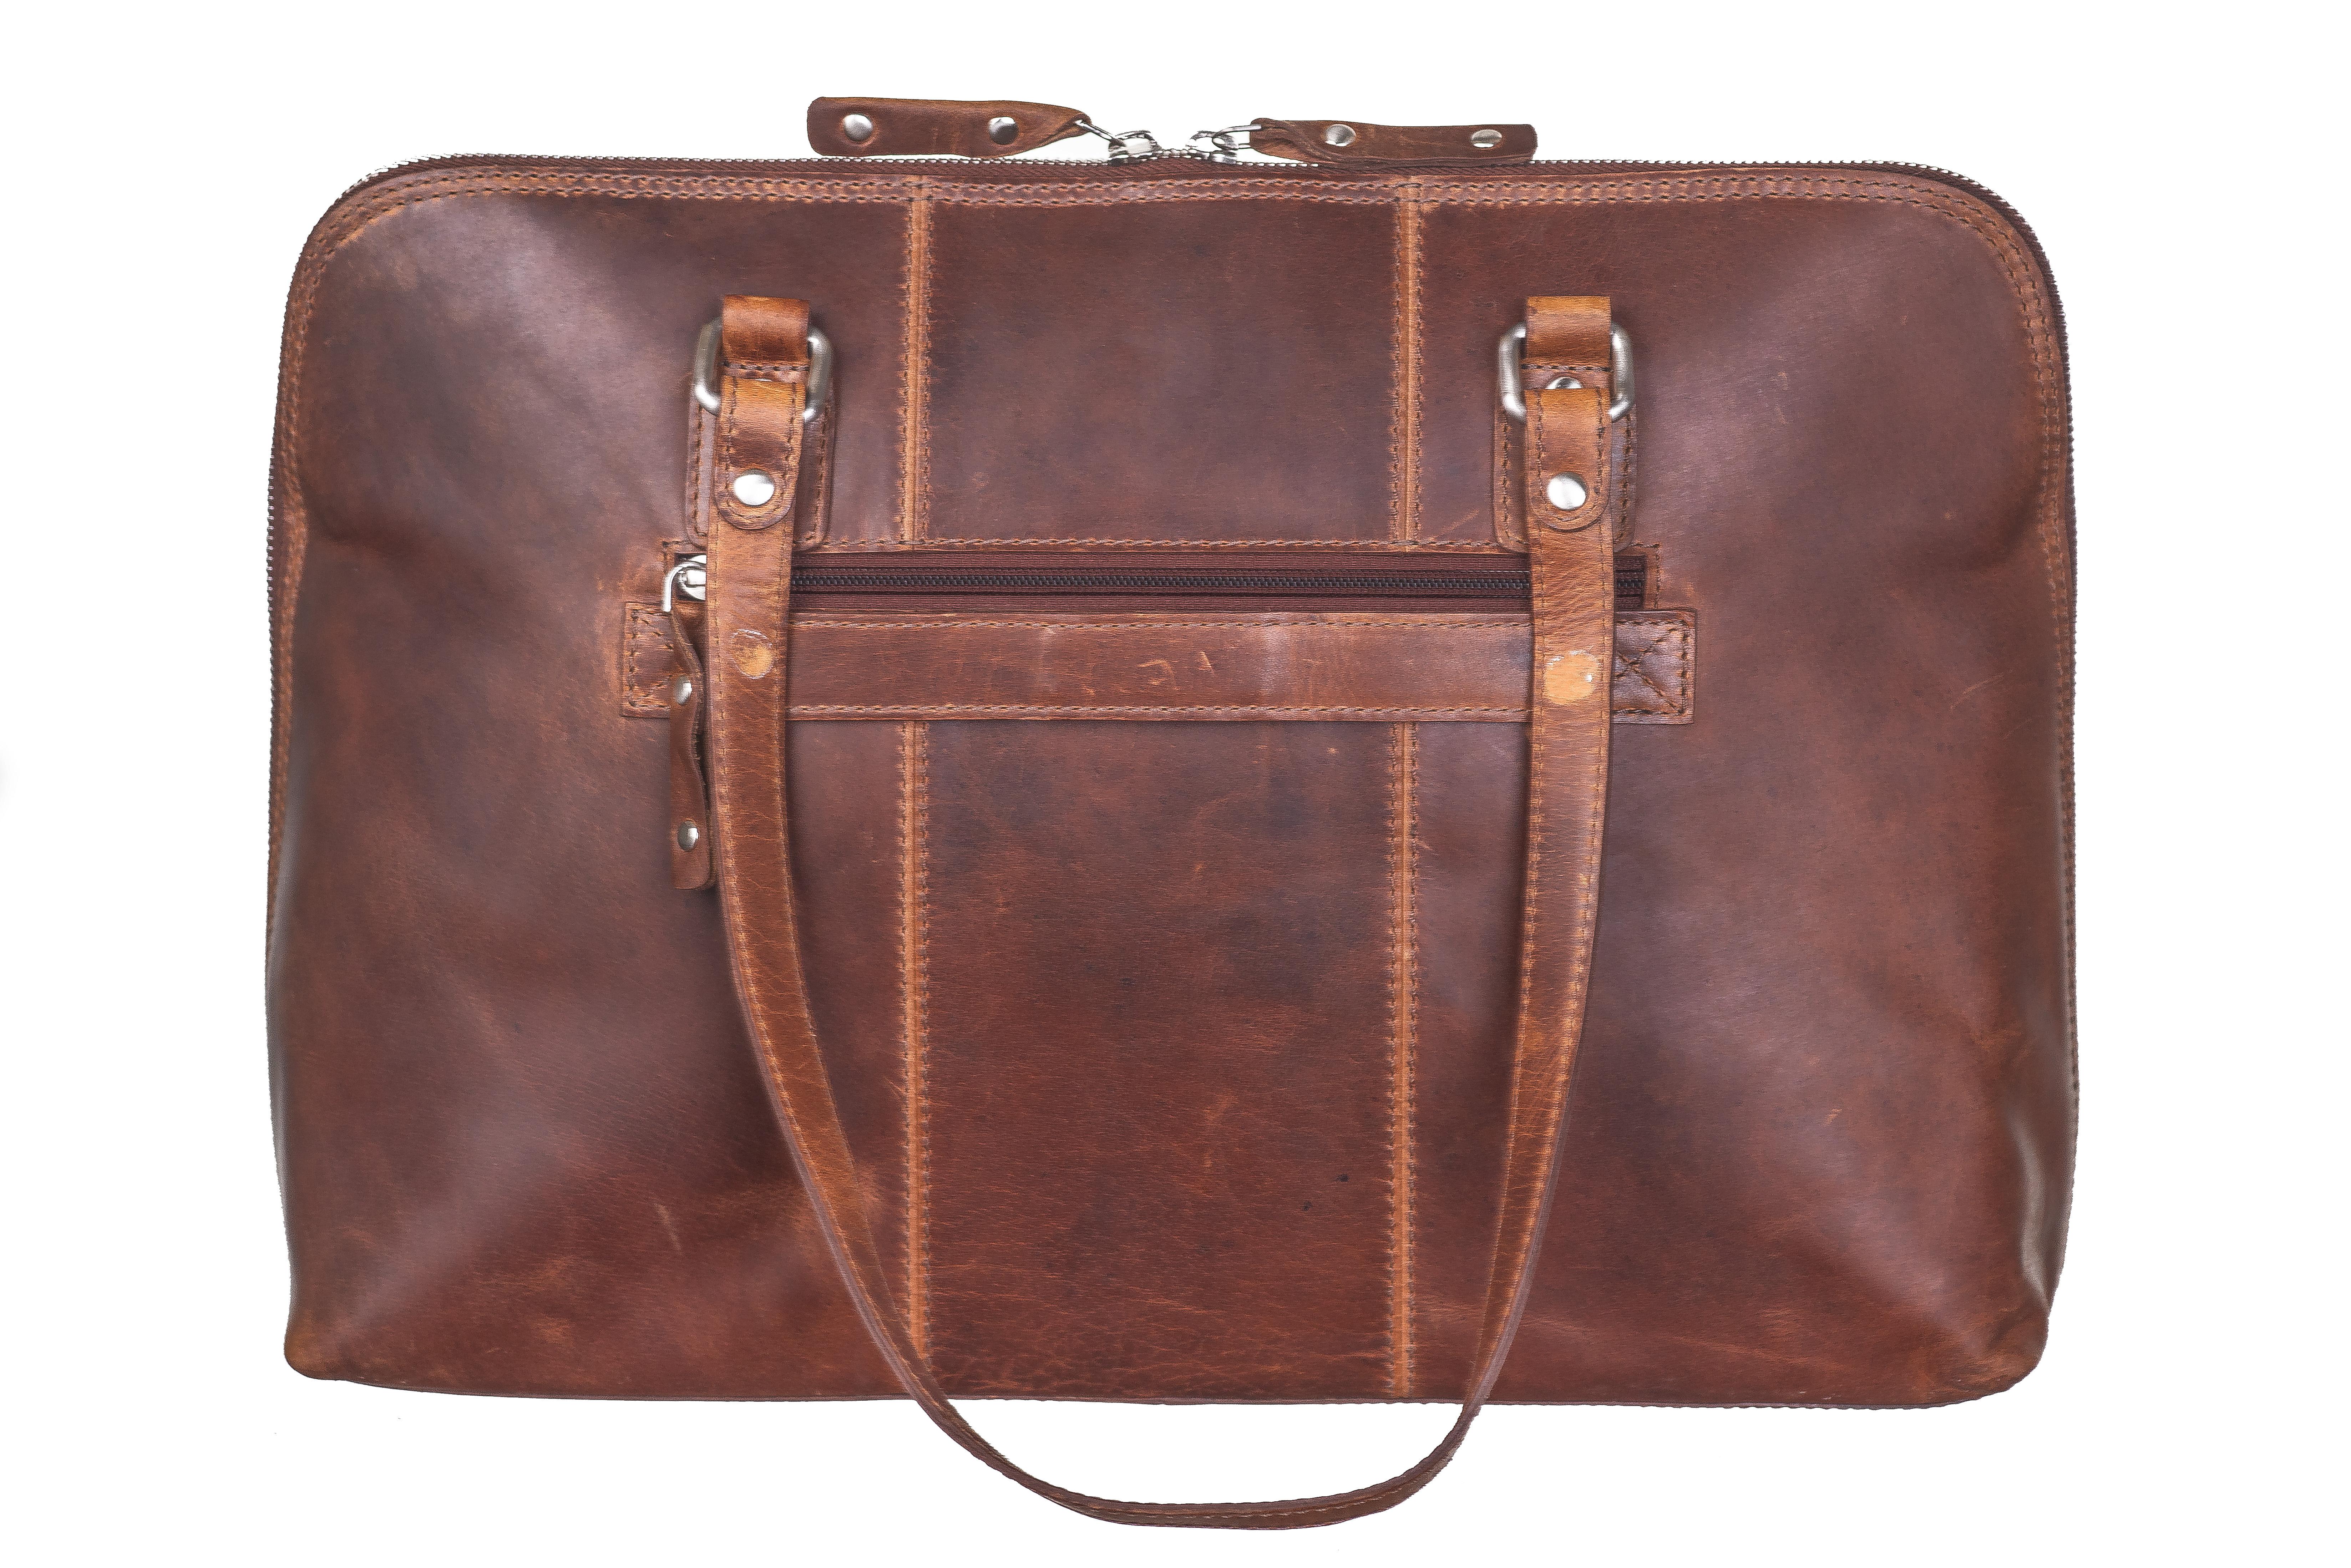 77765-26 Cognac Bak